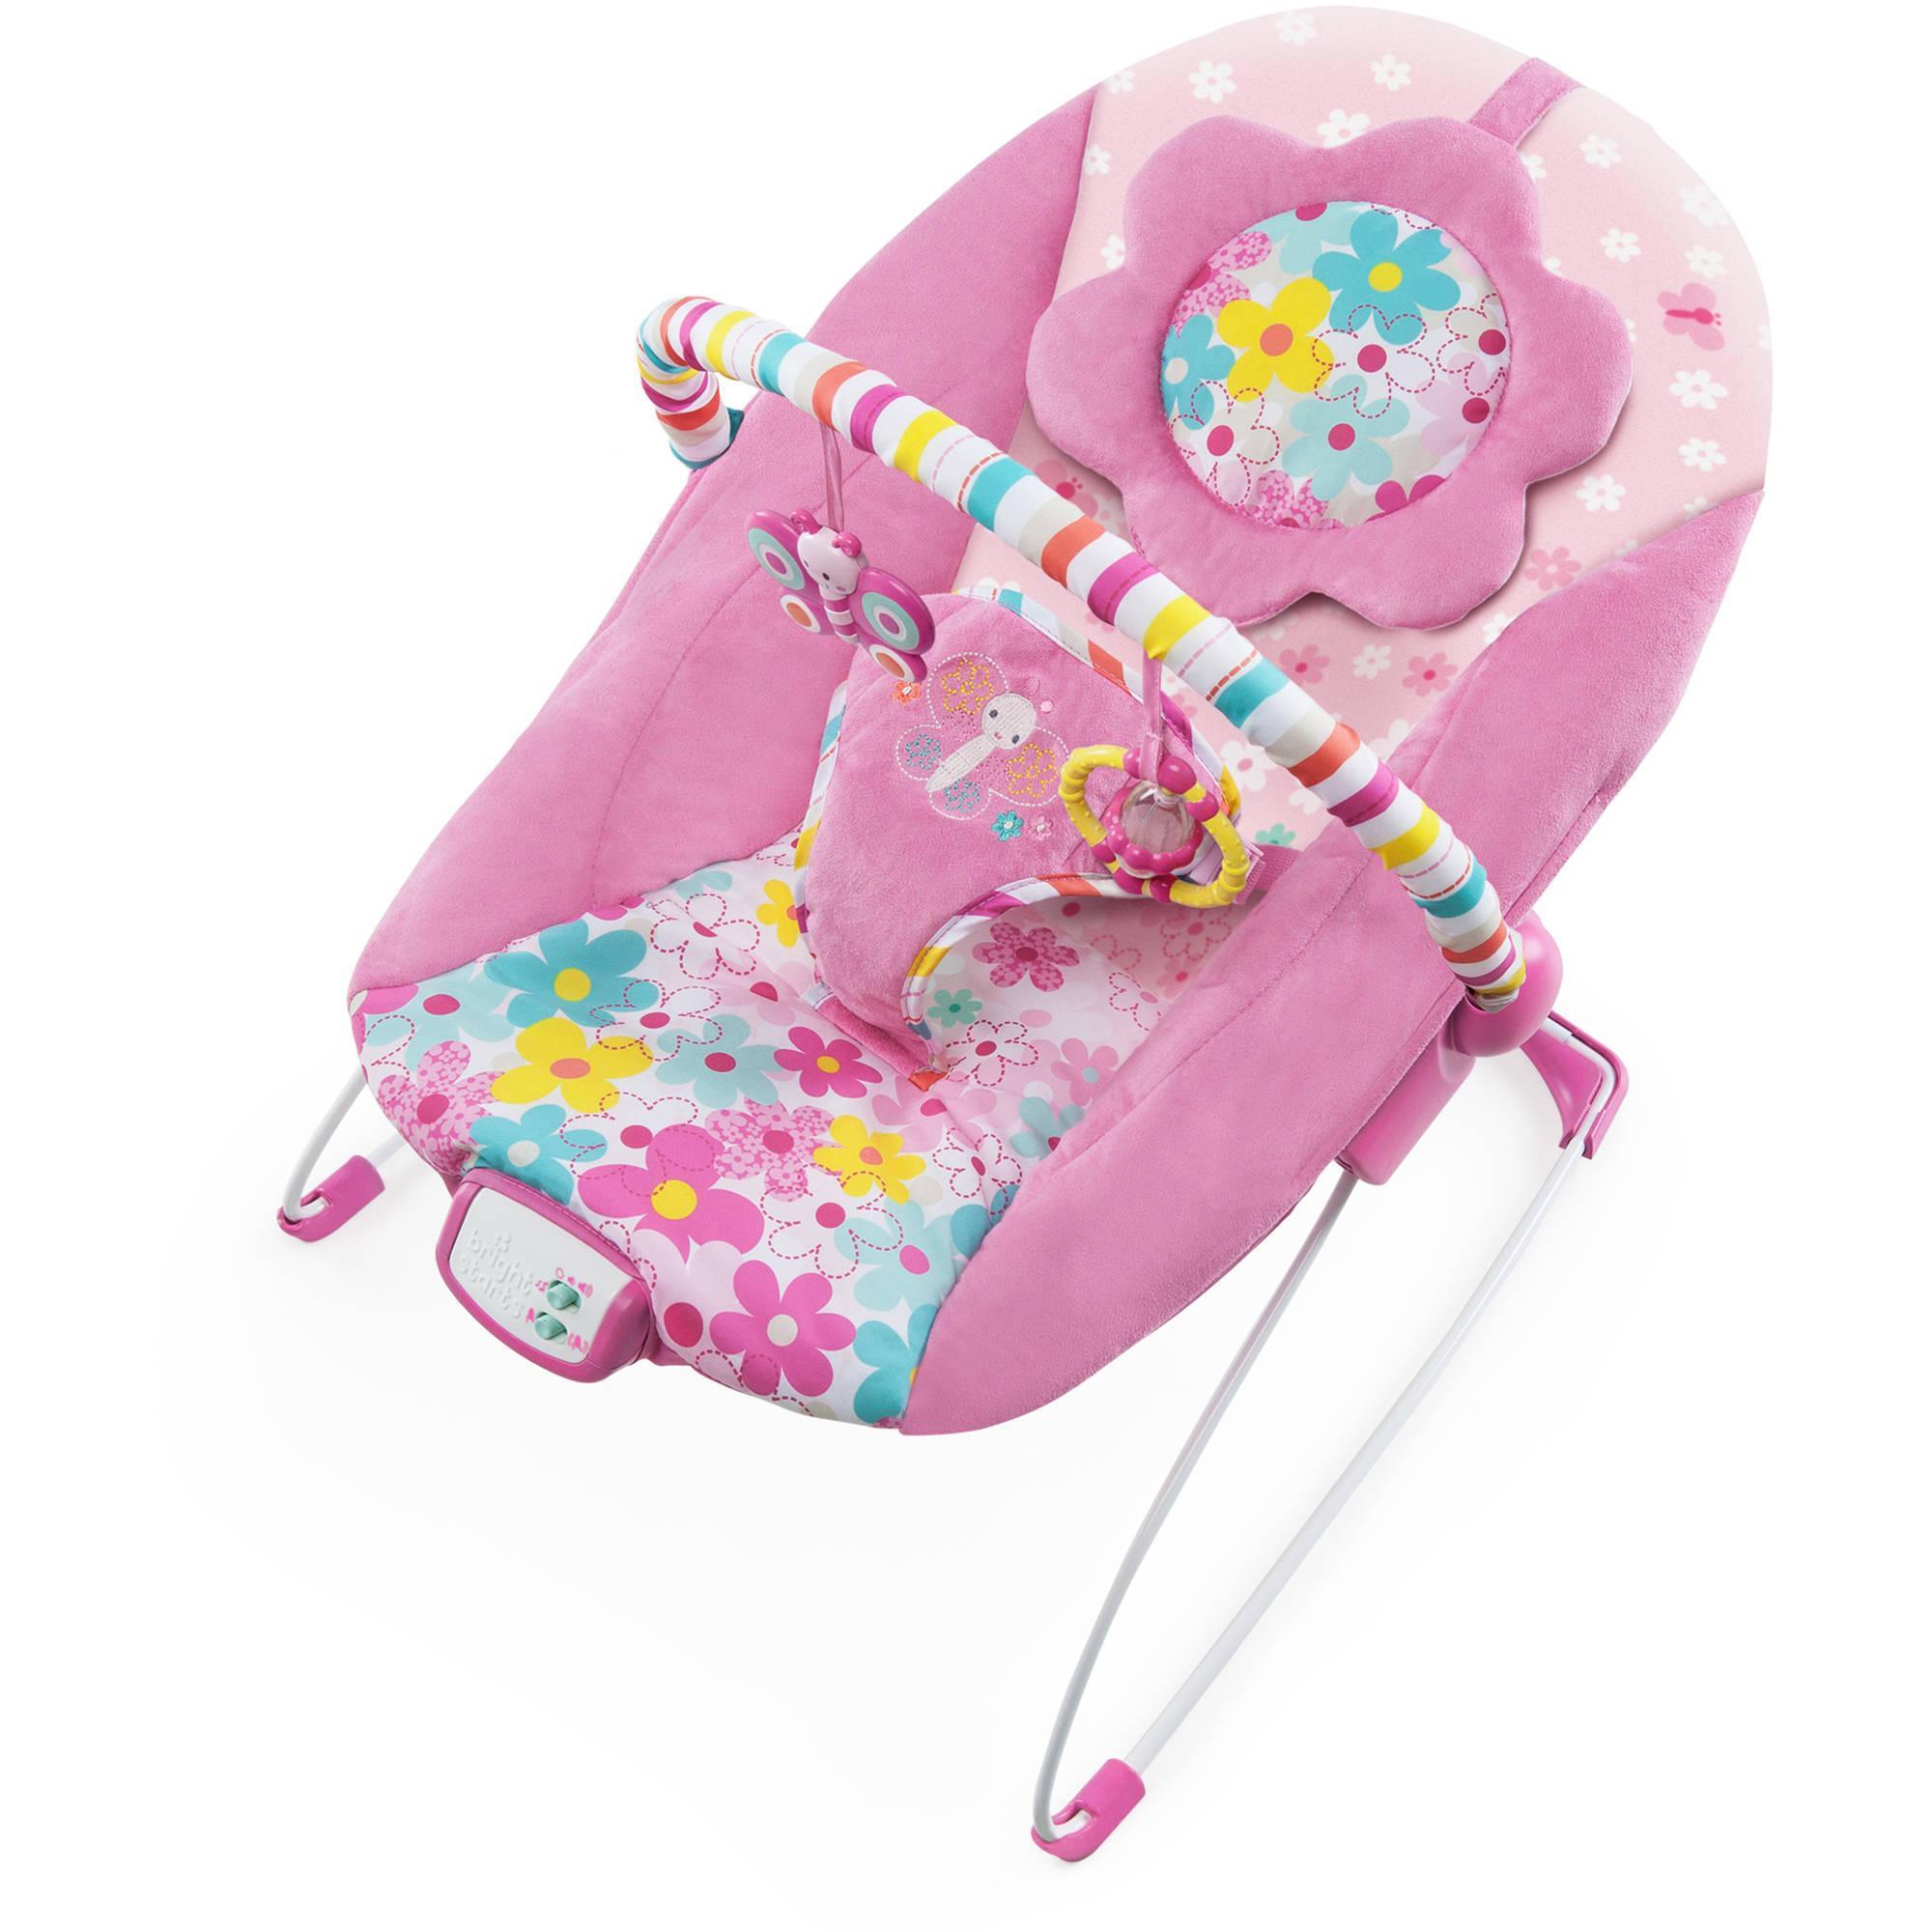 Кресло-качалка Цветочная полянаДетские шезлонги<br>Кресло-качалка Цветочная поляна<br>